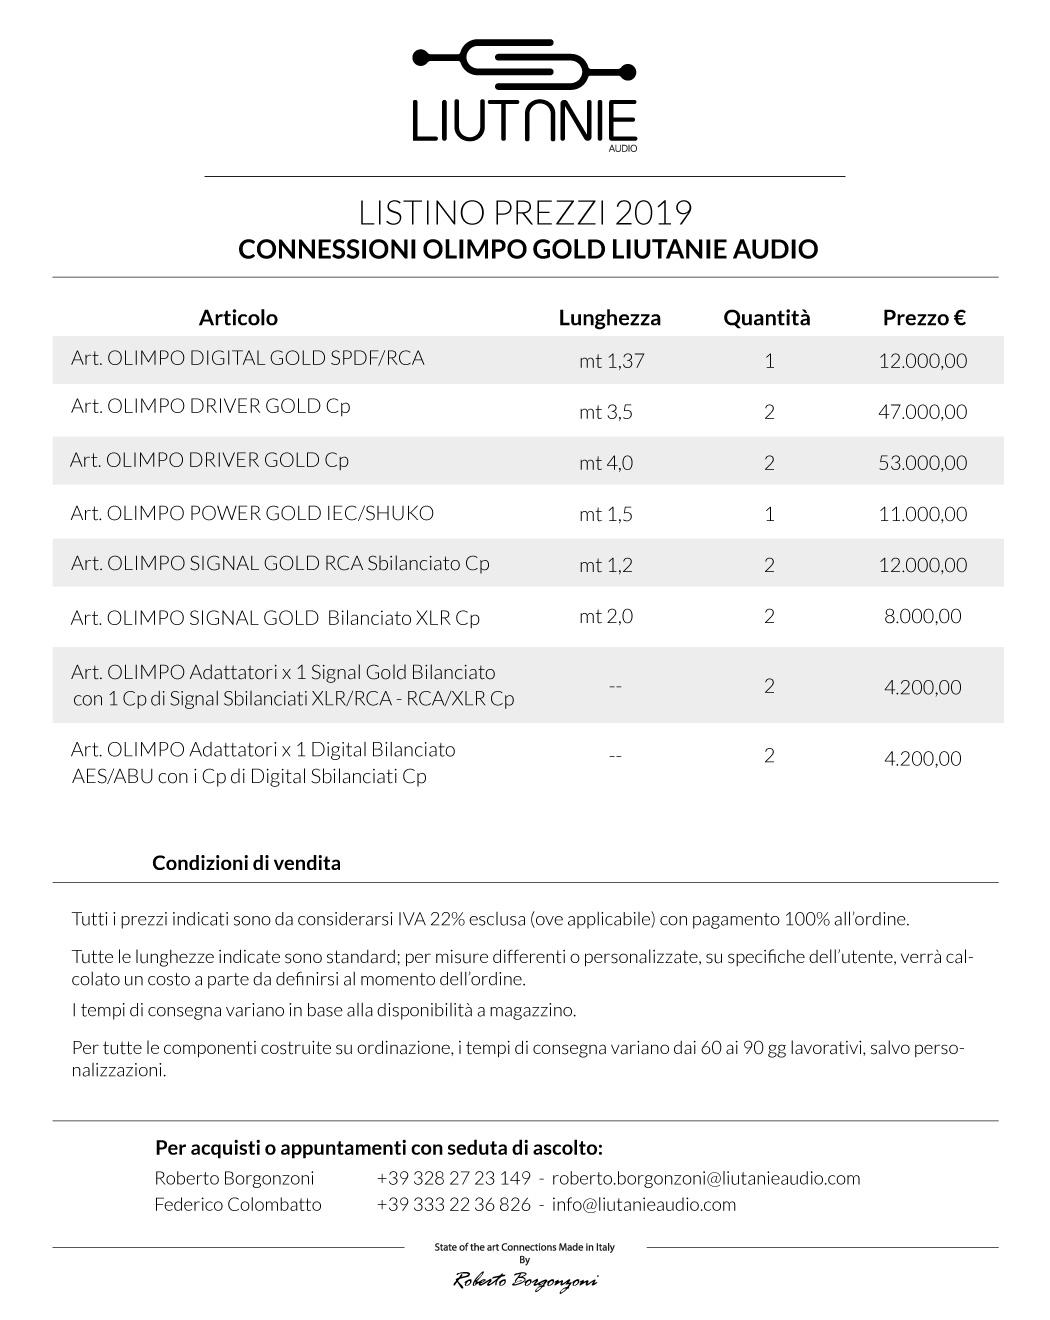 Listino-connessioni-Liutanie_it_2